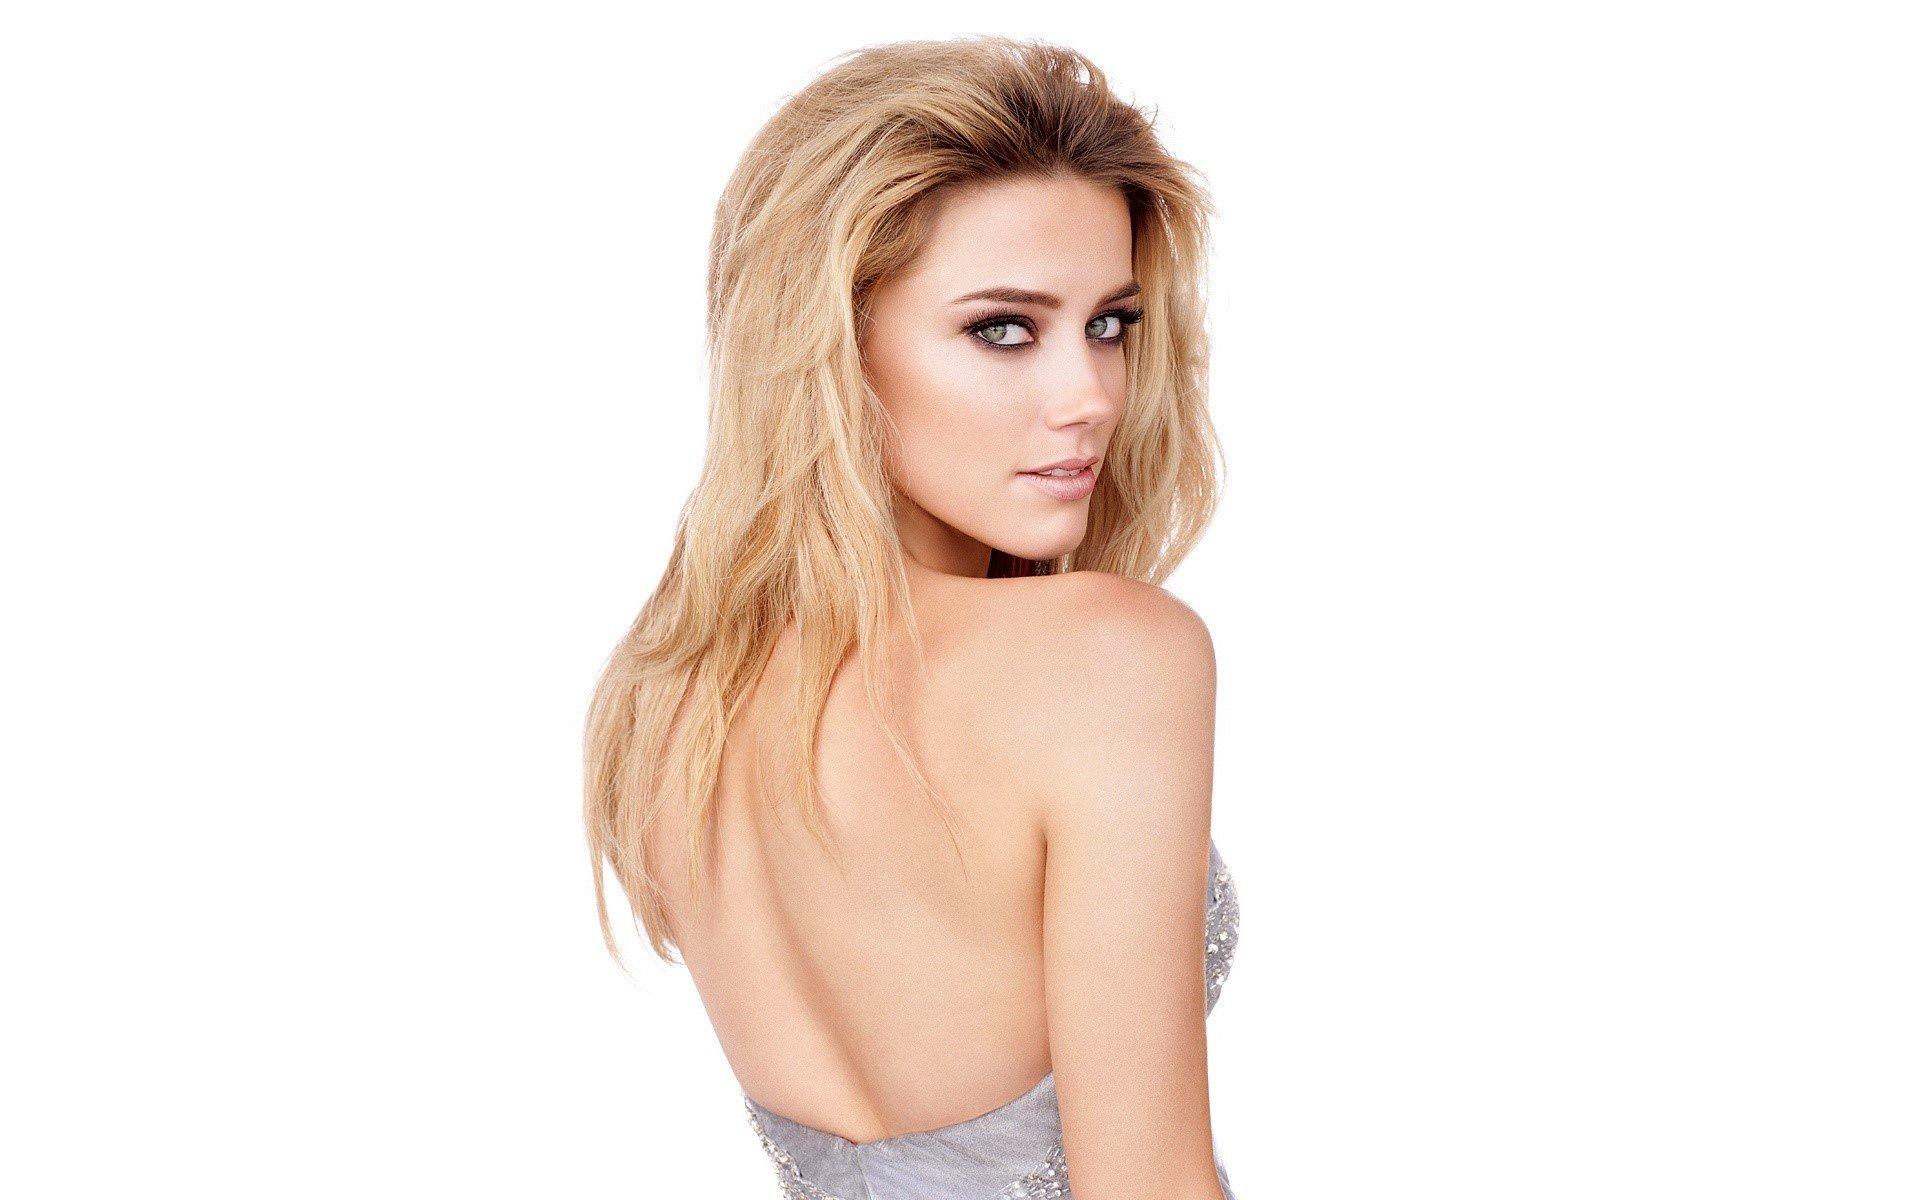 Wallpaper Amber Heard on her back